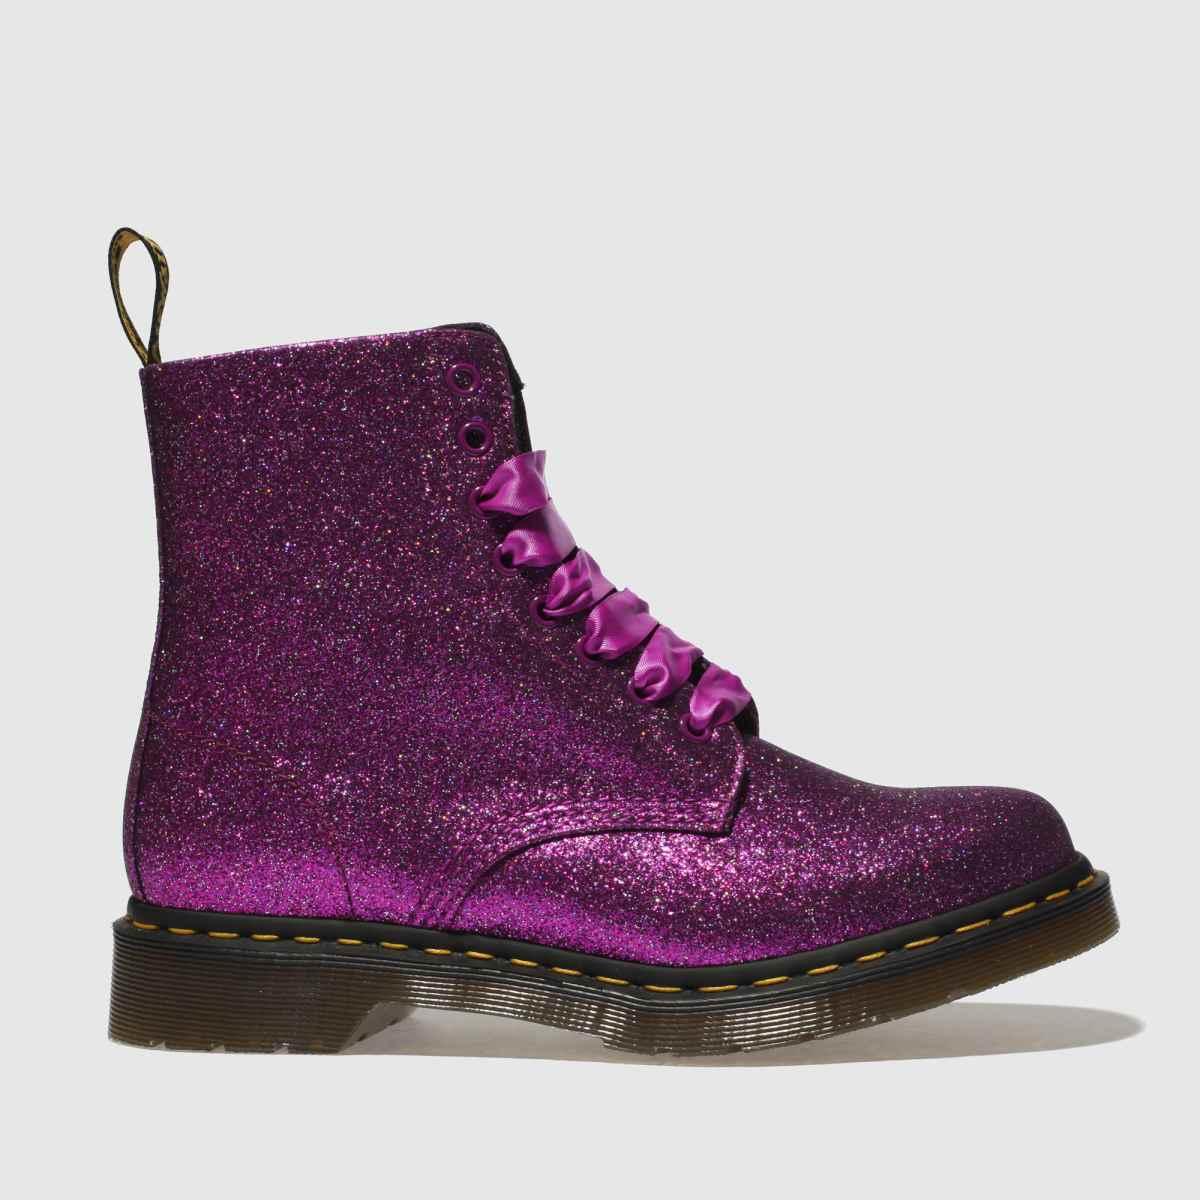 Dr Martens Pink Pascal 8 Eye Boot Glitter Boots